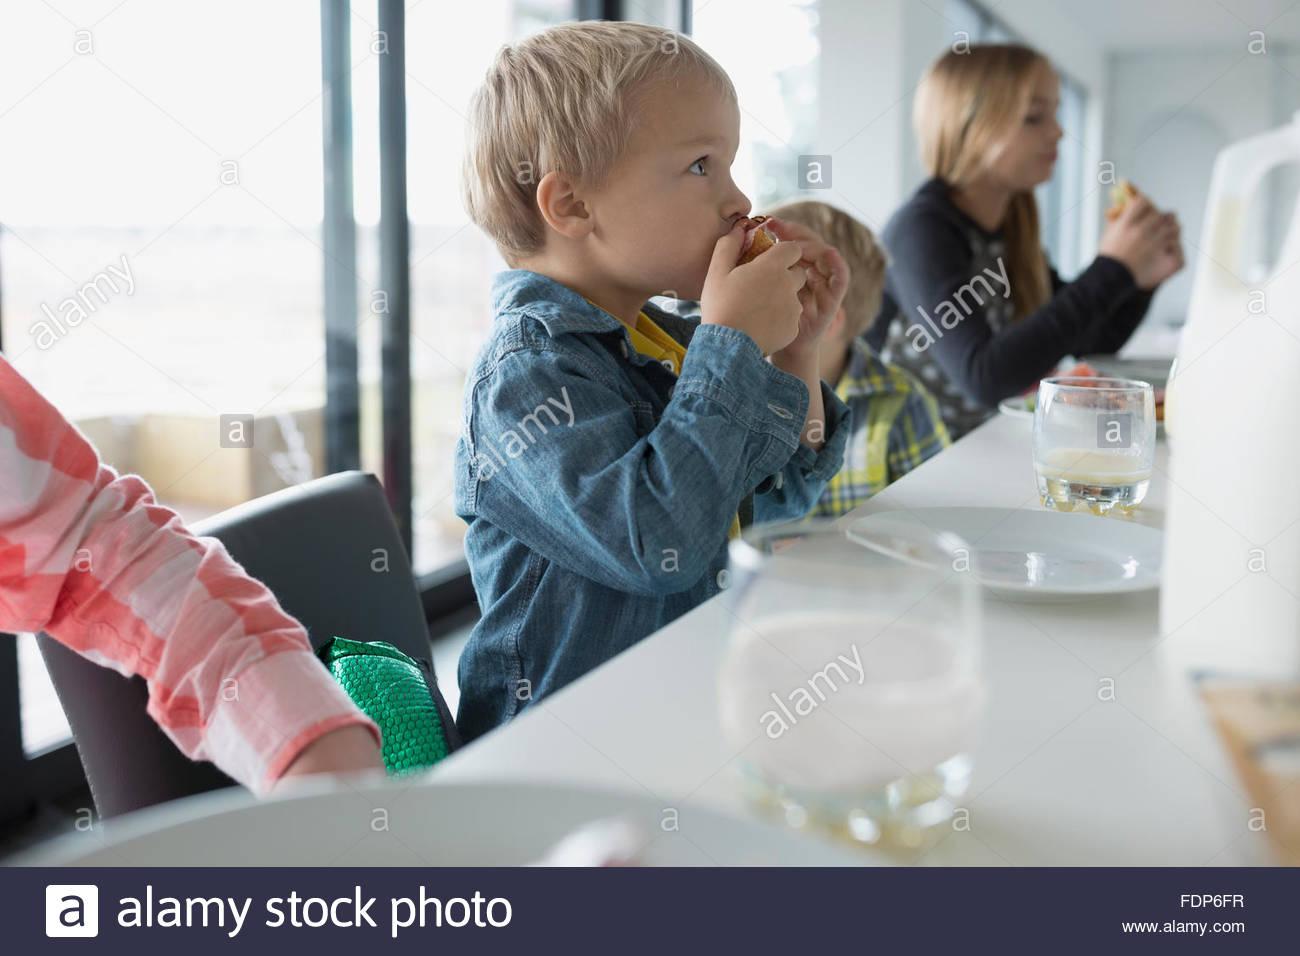 Comer en familia isla de cocina foto imagen de stock for Cocina en familia